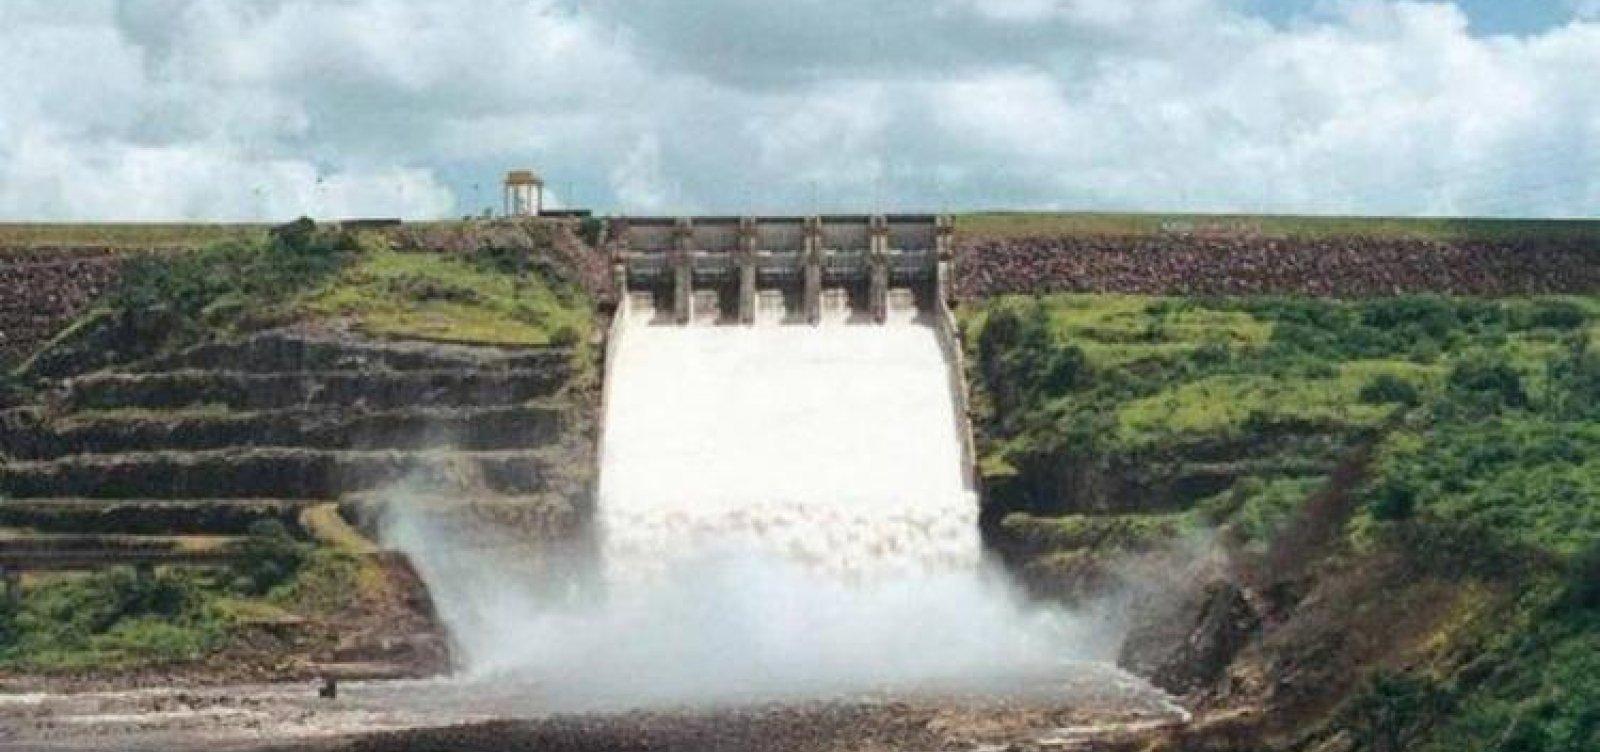 [Teste de calha da barragem Pedra do Cavalo é adiado para 17 de agosto]